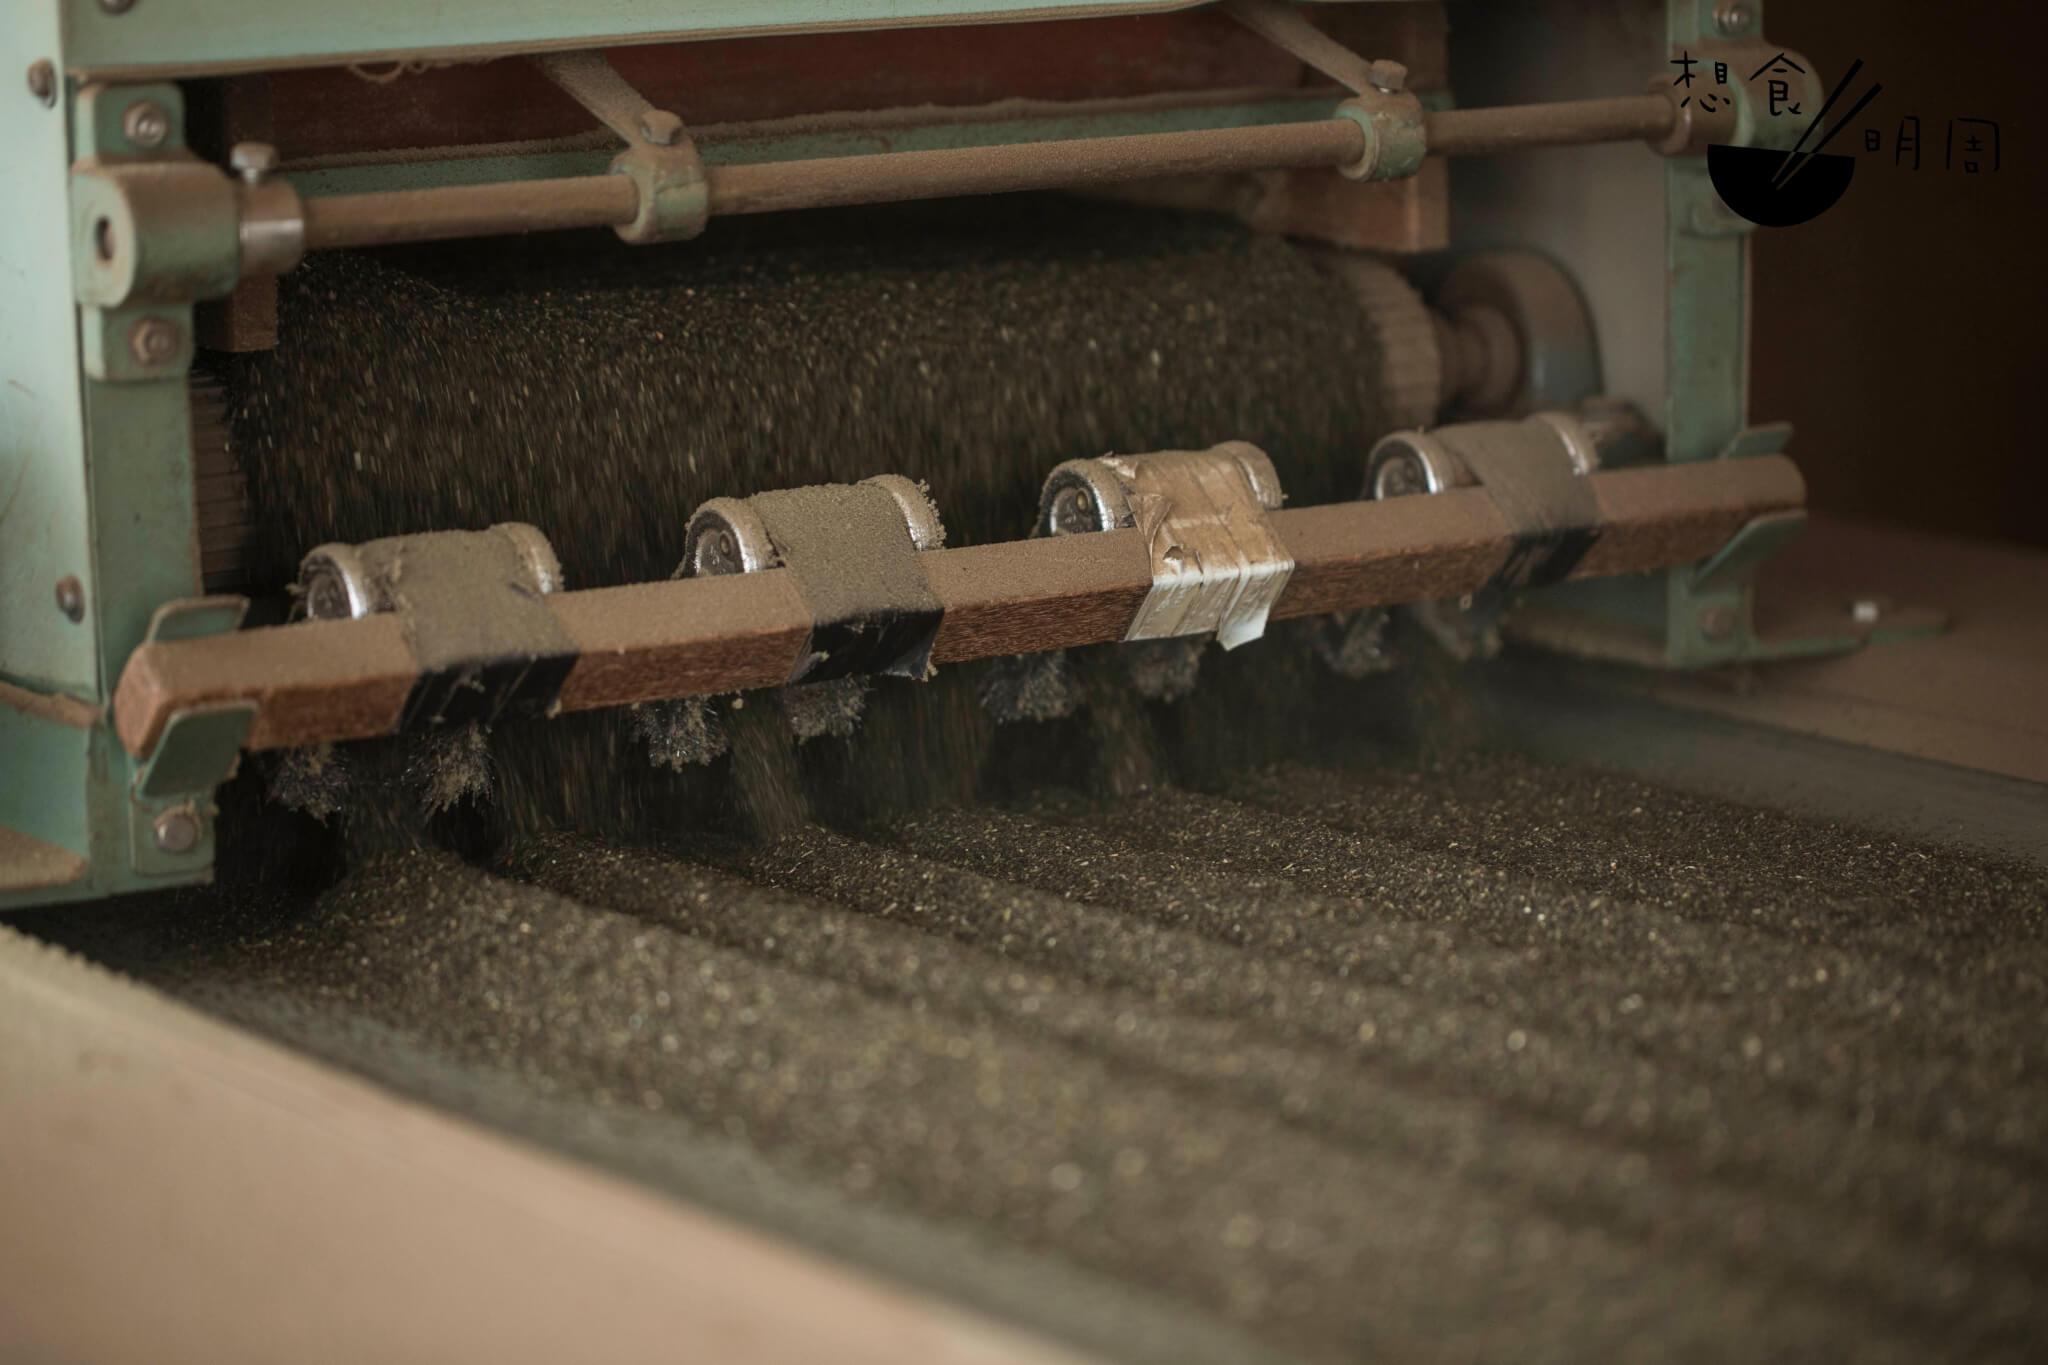 茶葉經吹風除塵後,會平均切成1.5mm大小,徐徐從輸送帶上推送而出。